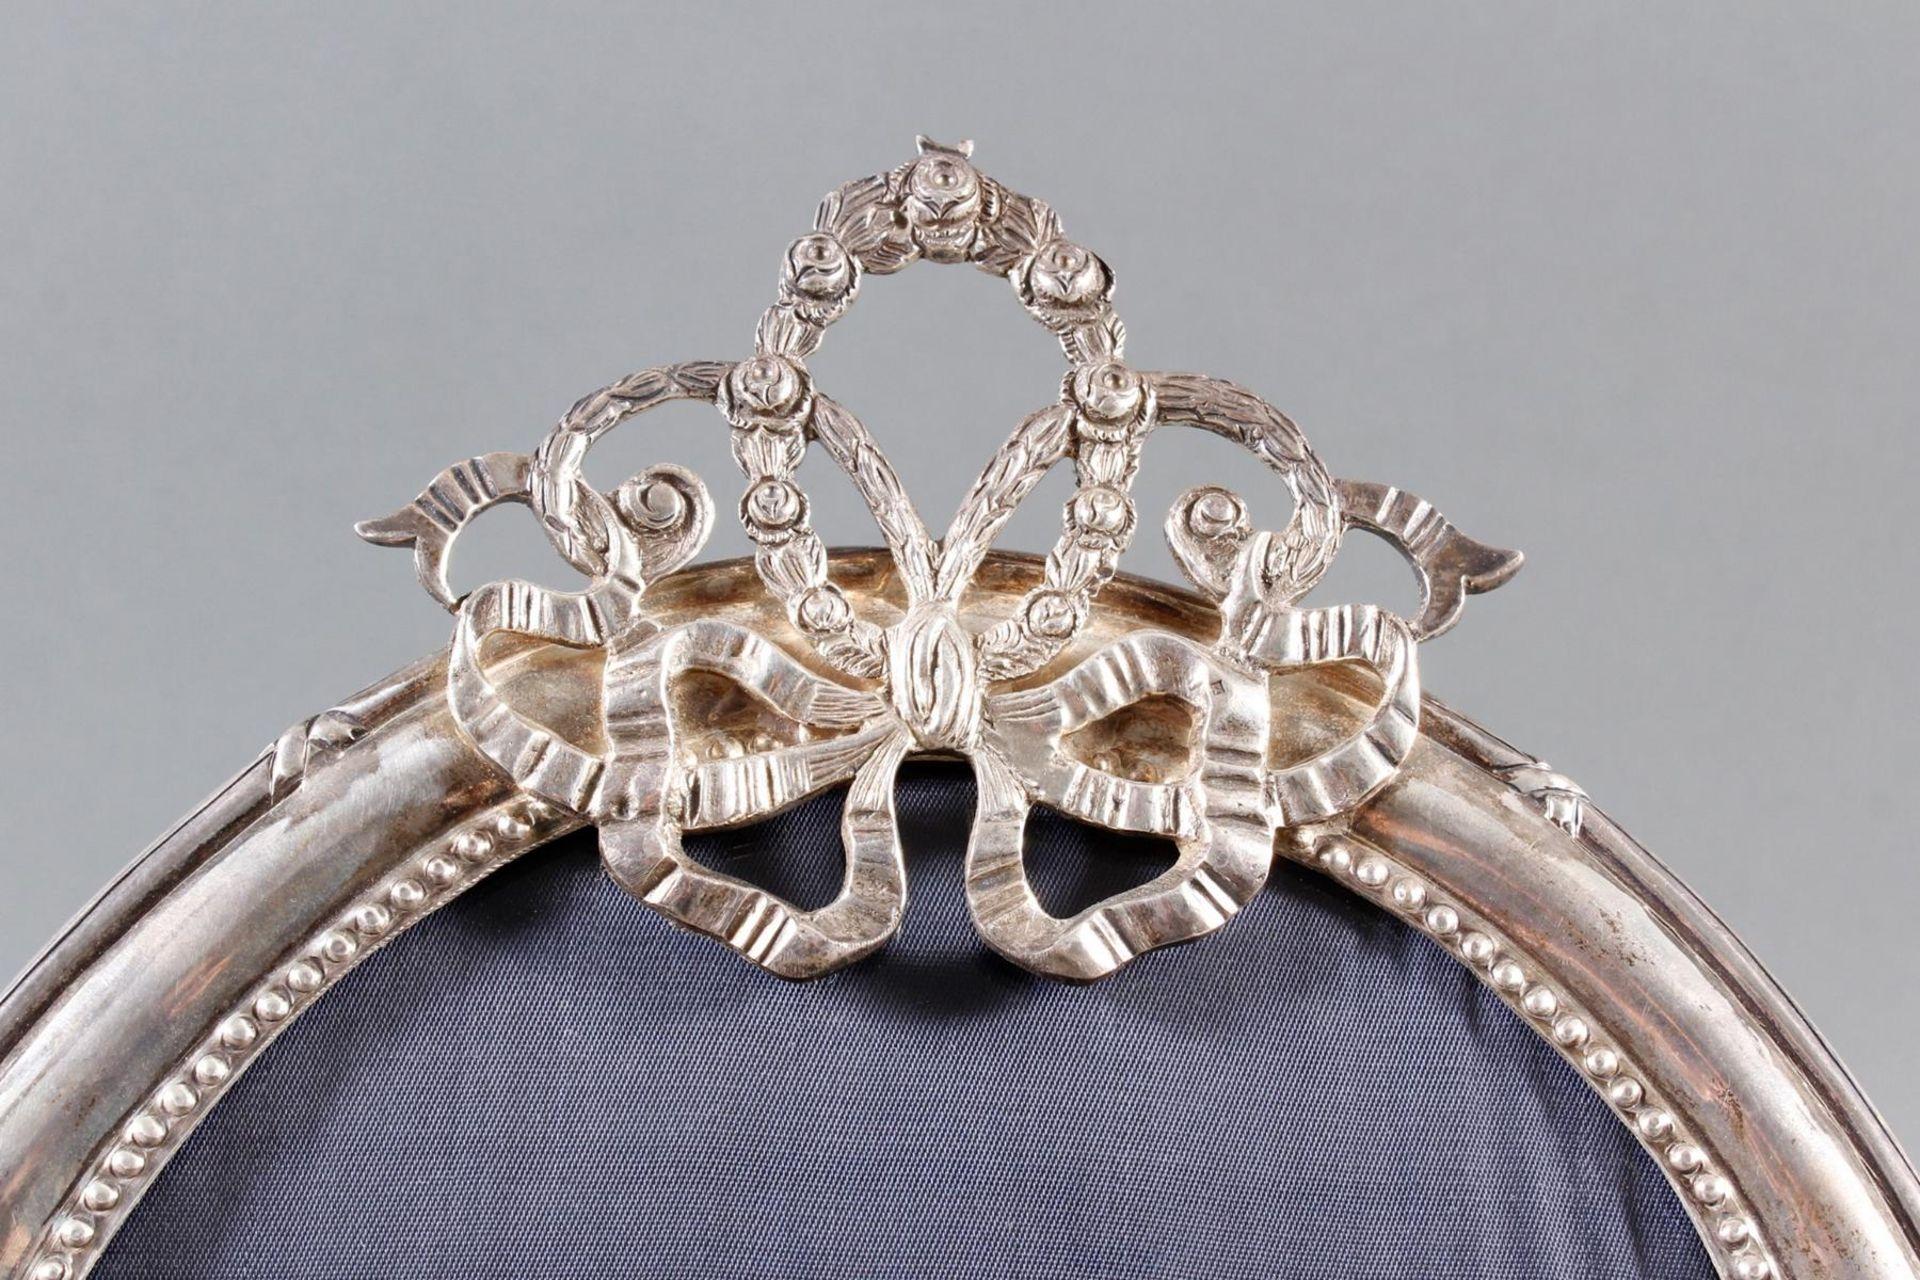 Großer Silber Bilderrahmen, - Bild 2 aus 9